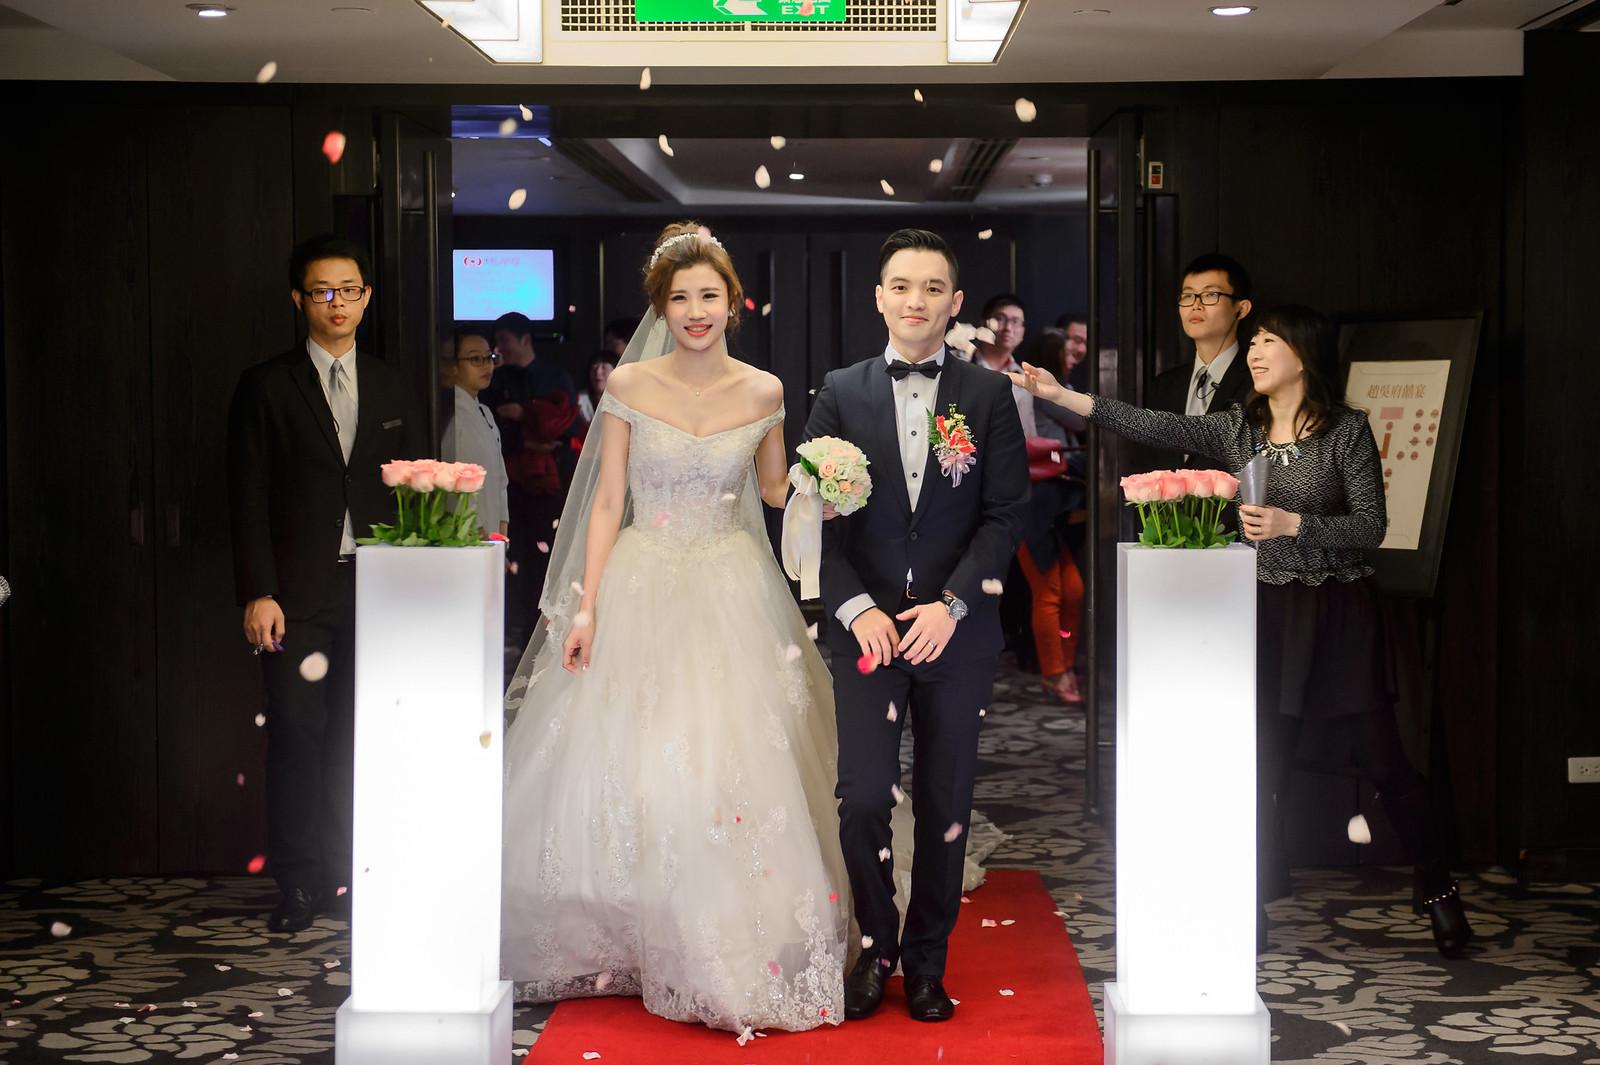 台北婚攝, 婚禮攝影, 婚攝, 婚攝守恆, 婚攝推薦, 晶華酒店, 晶華酒店婚宴, 晶華酒店婚攝-72